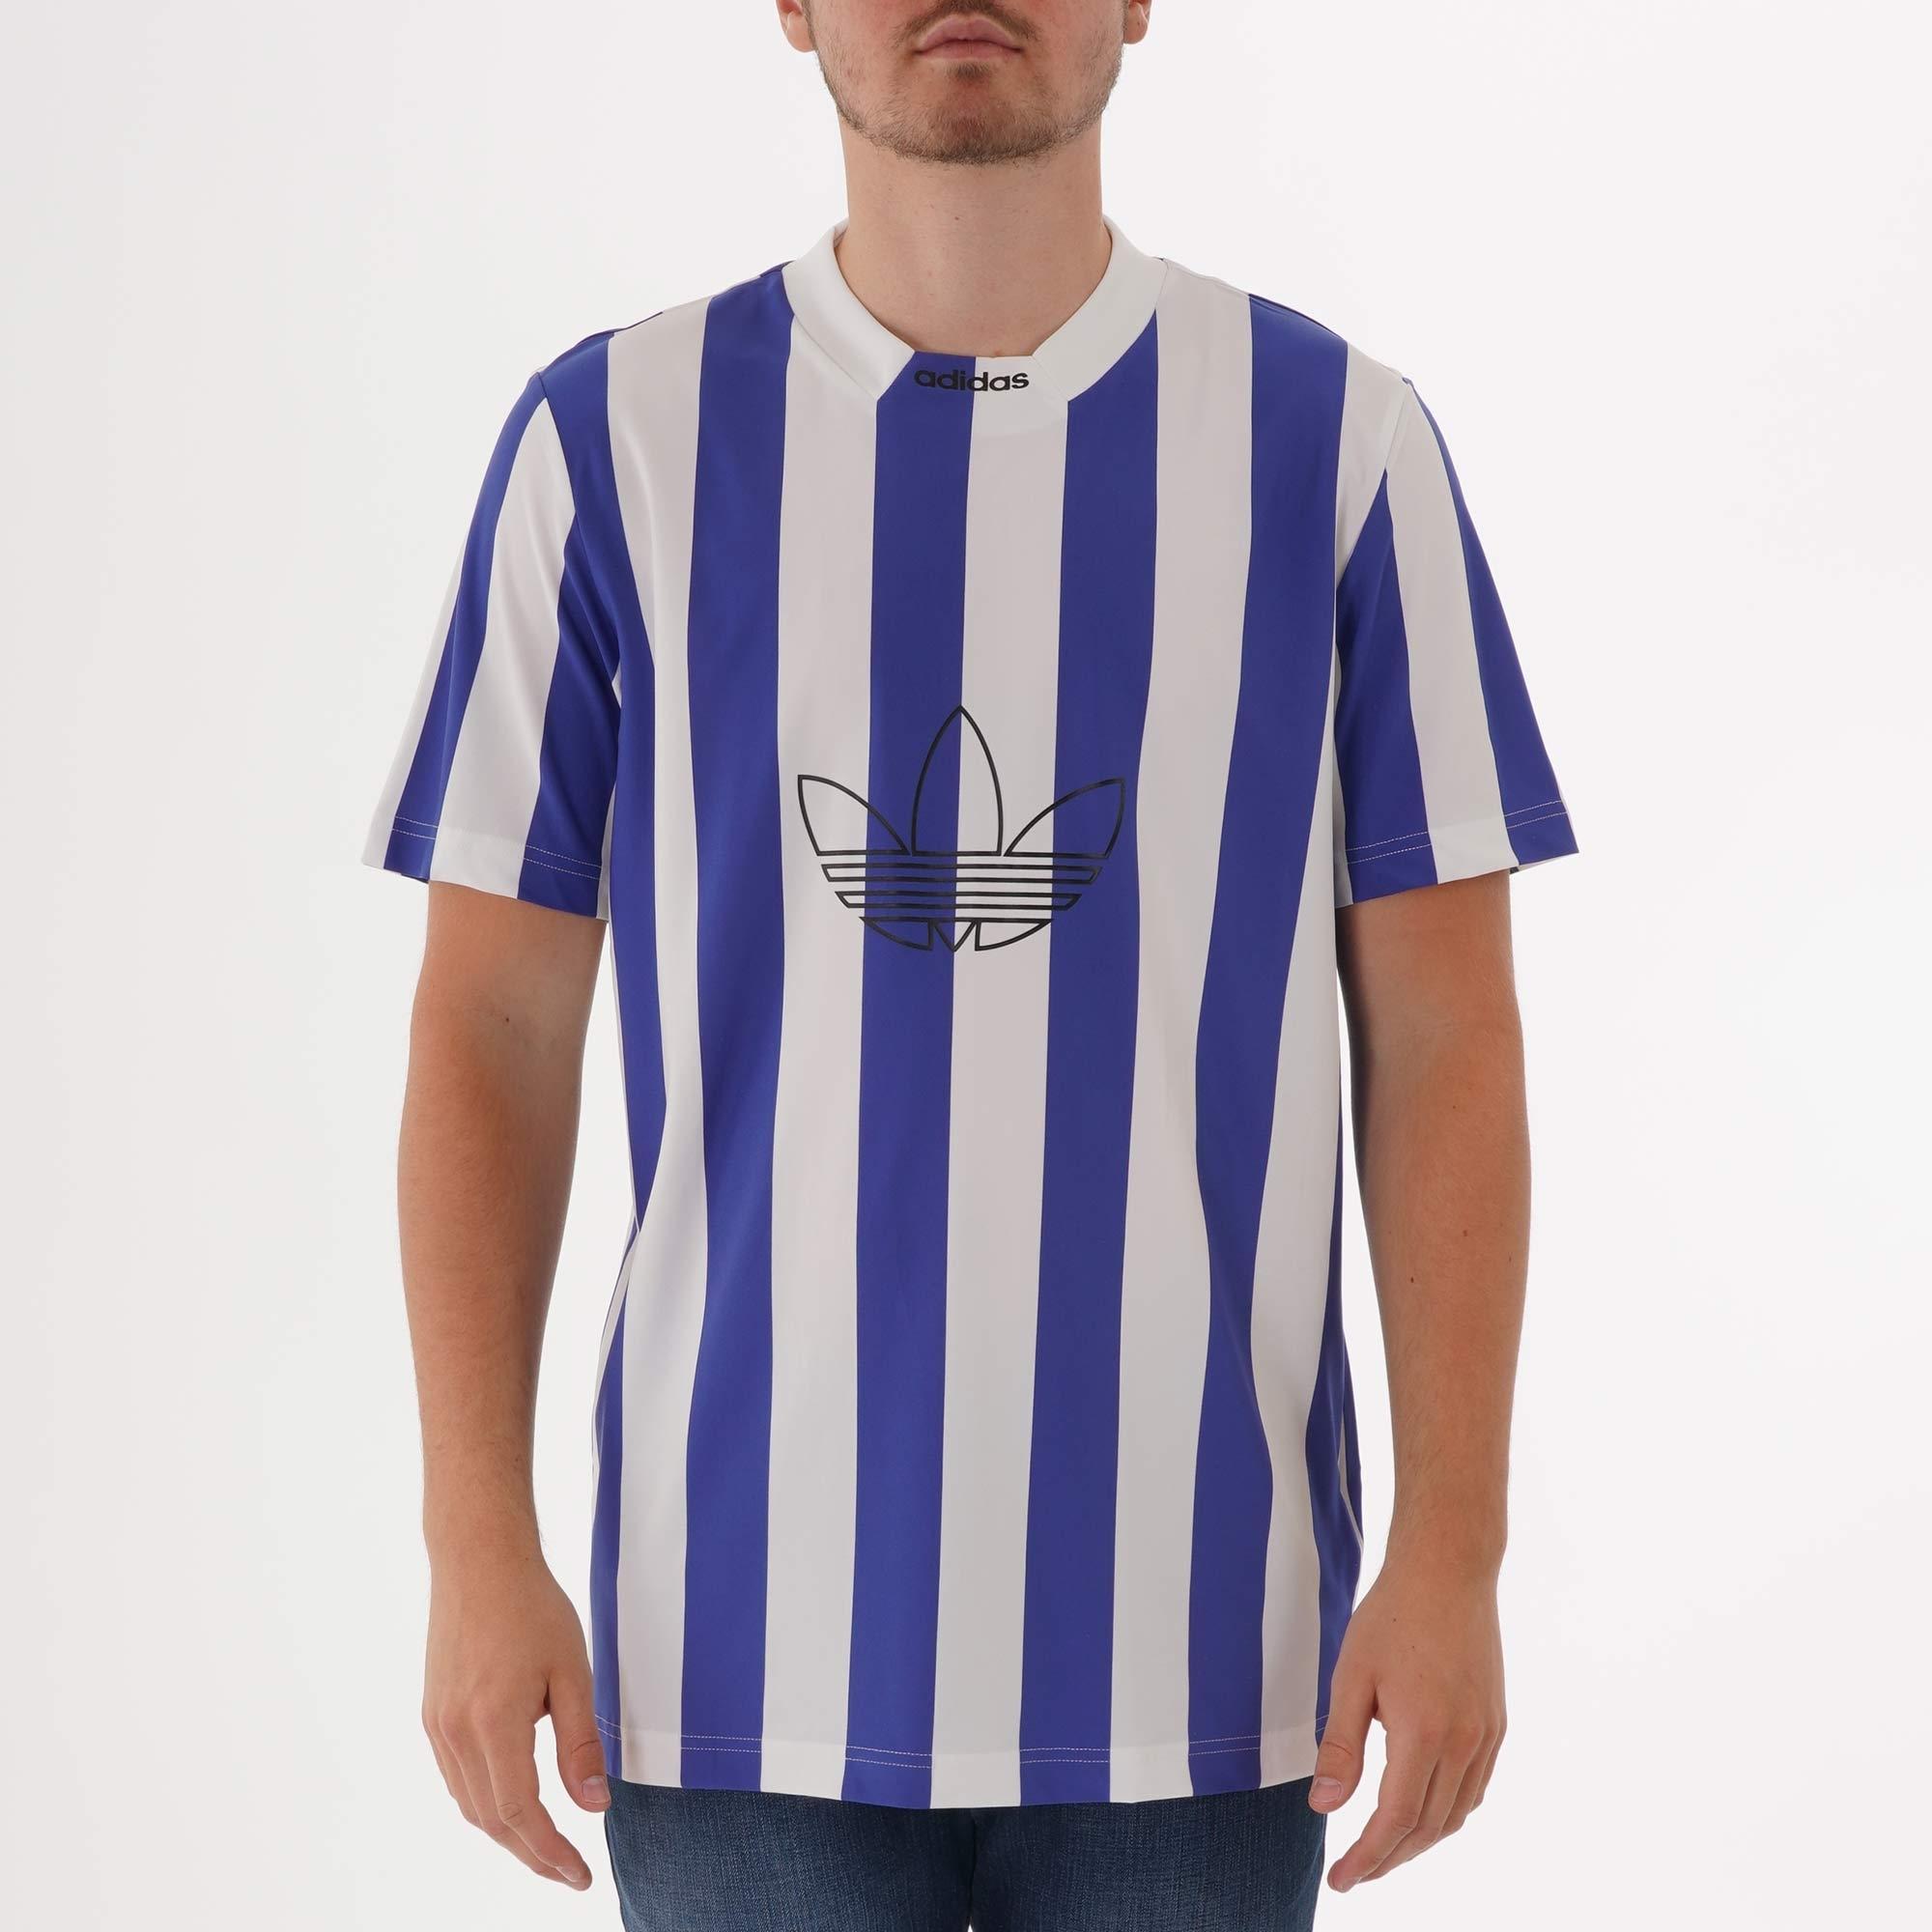 adidas originals stripes